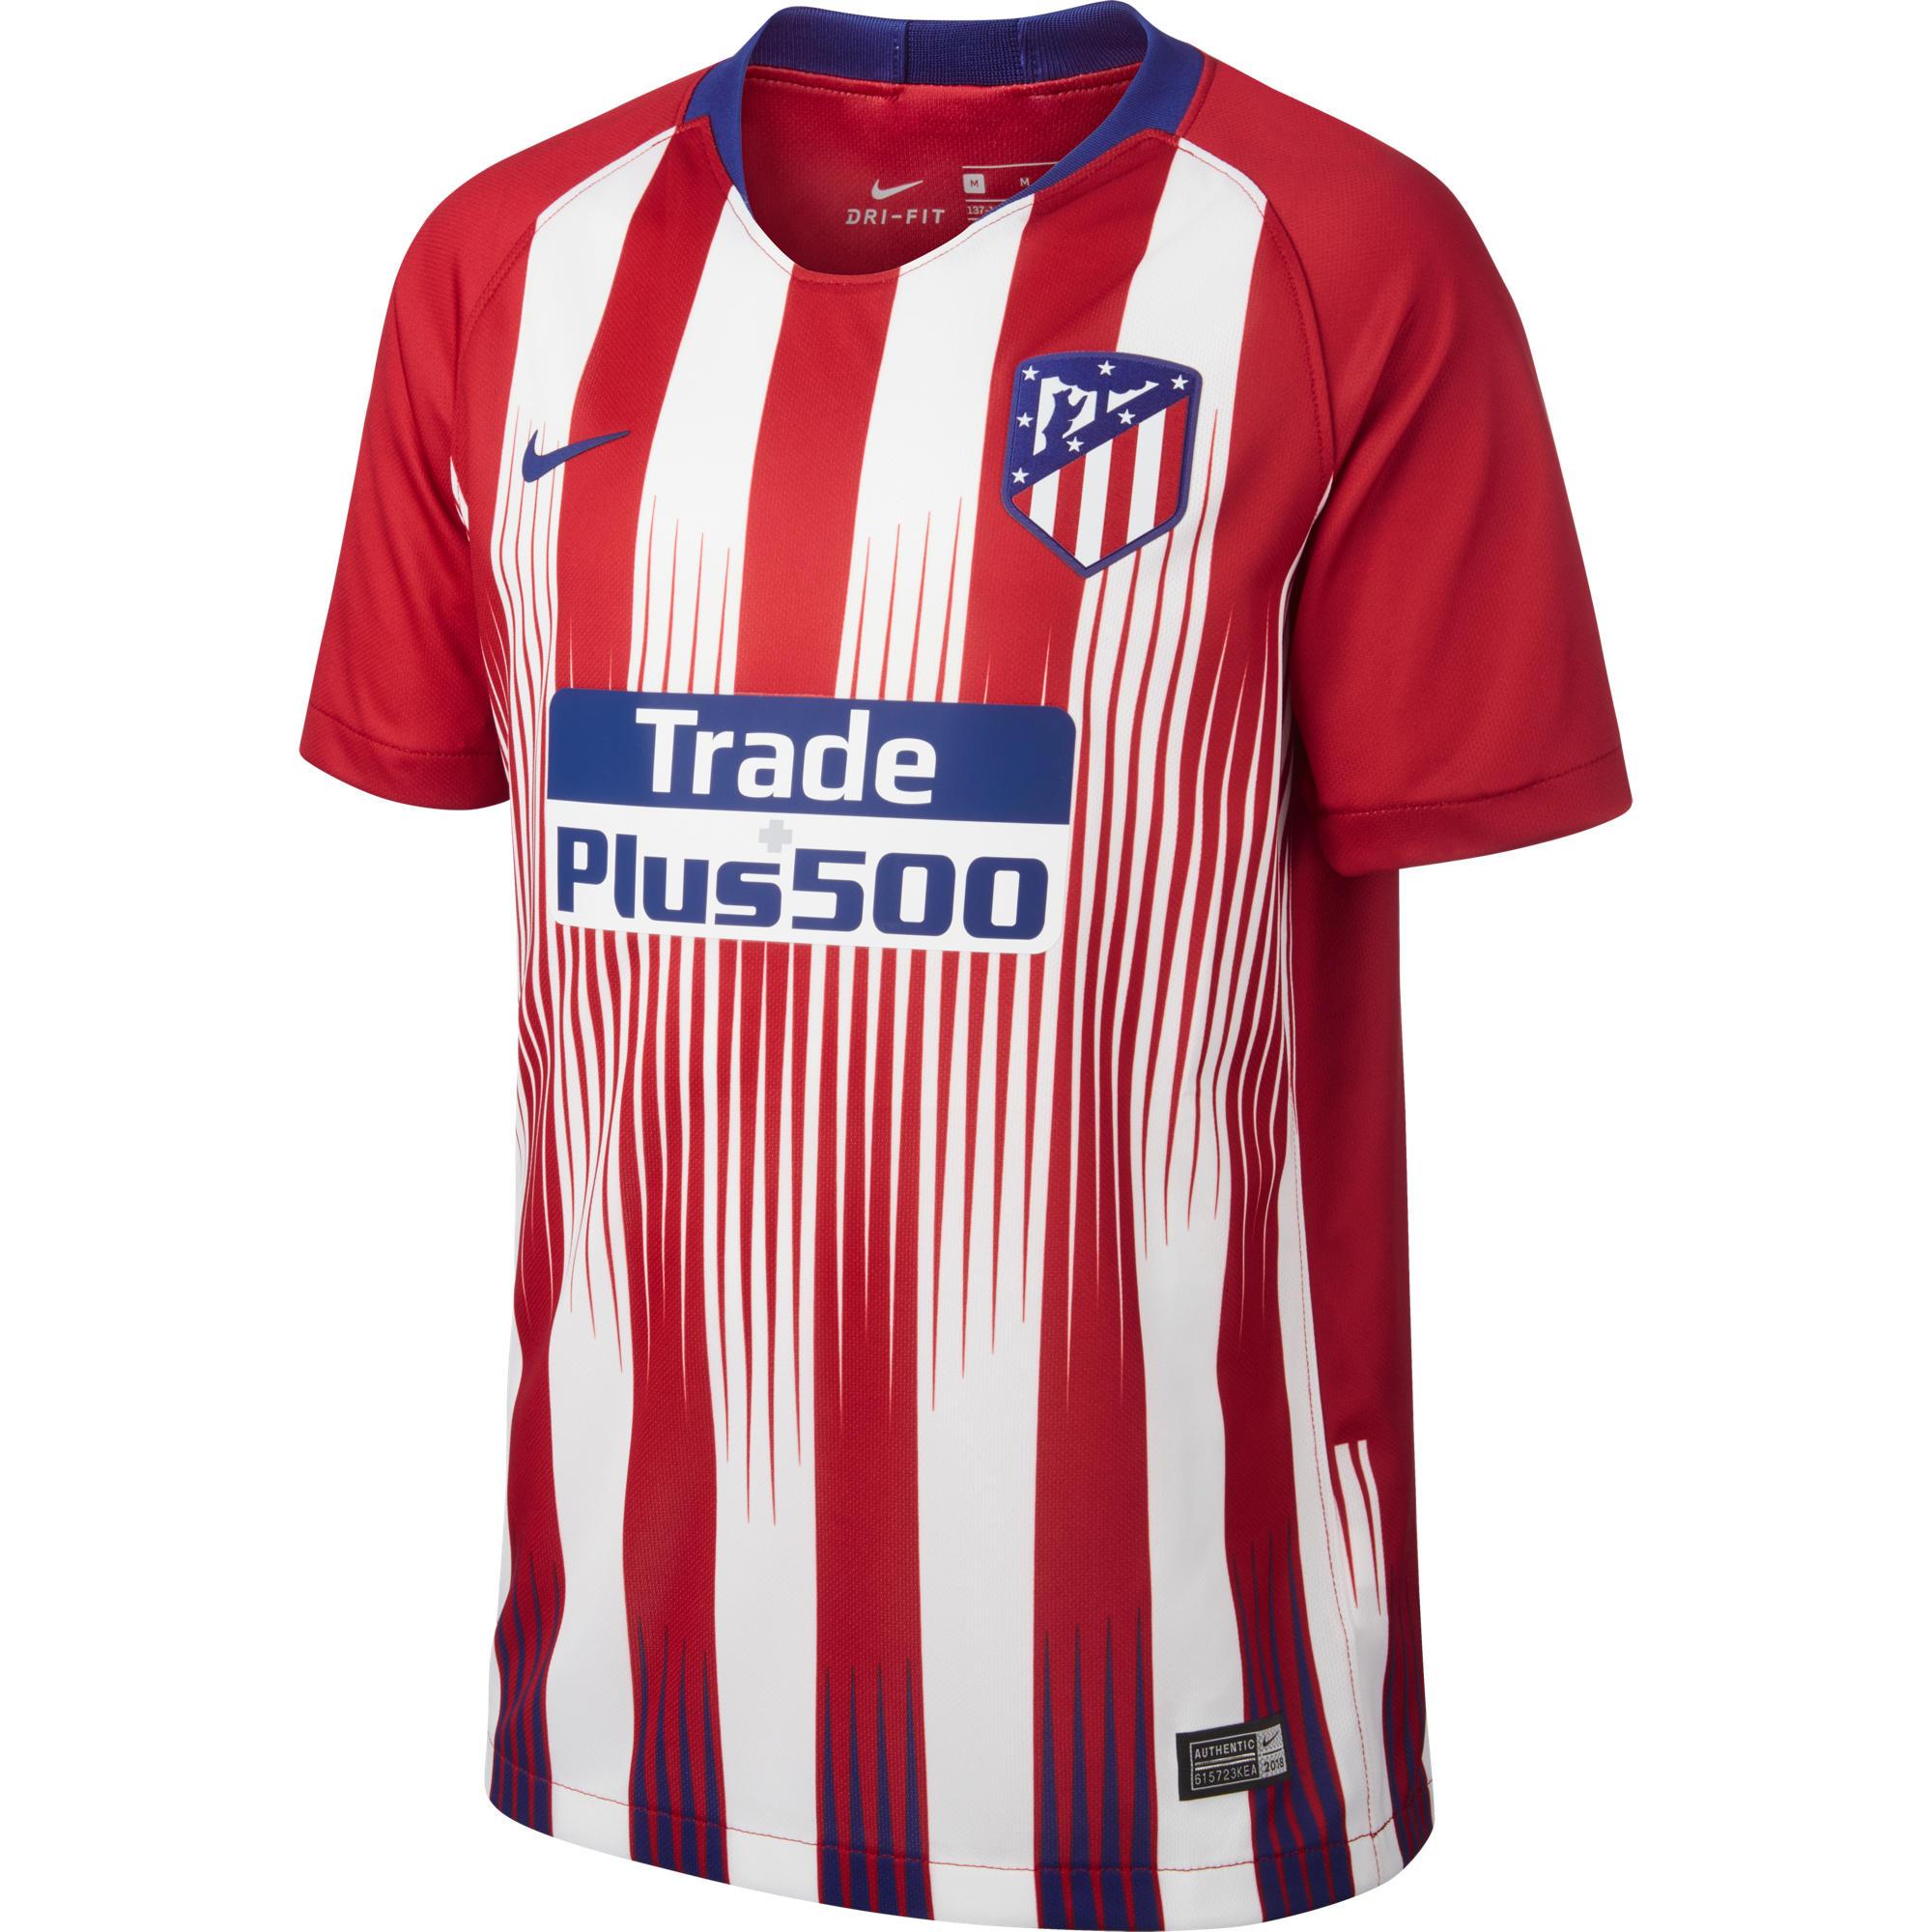 Camiseta de Fútbol Nike oficial Atlético de Madrid 1ª equipación niños  2018 2019 f695b35ea326e